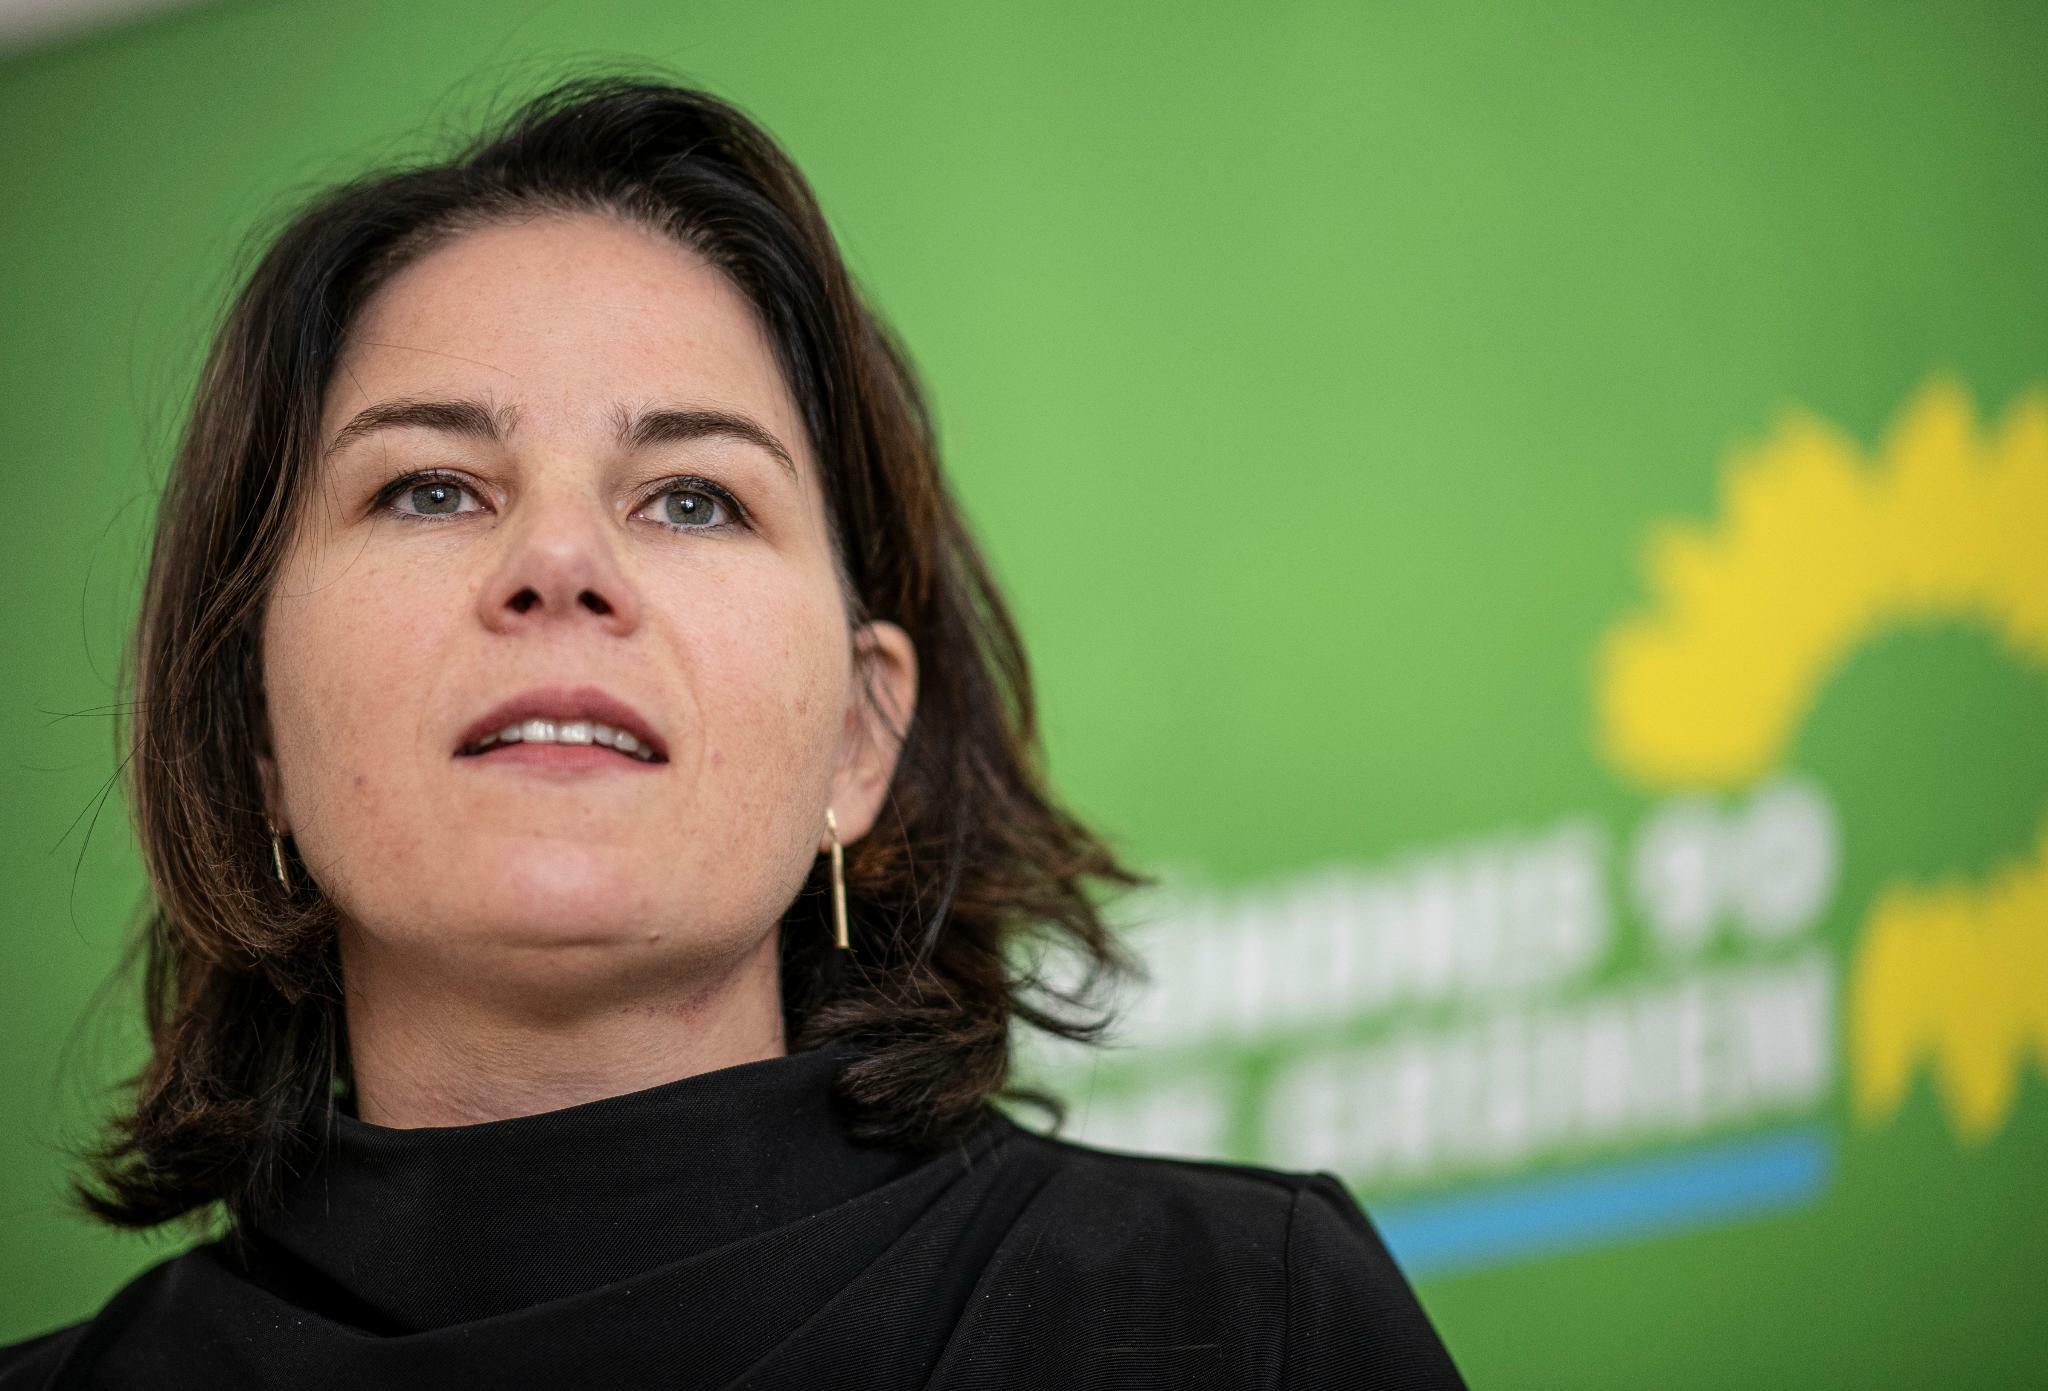 Klimapolitik: Grüne wollen Klimapaket über den Bundesrat verschärfen